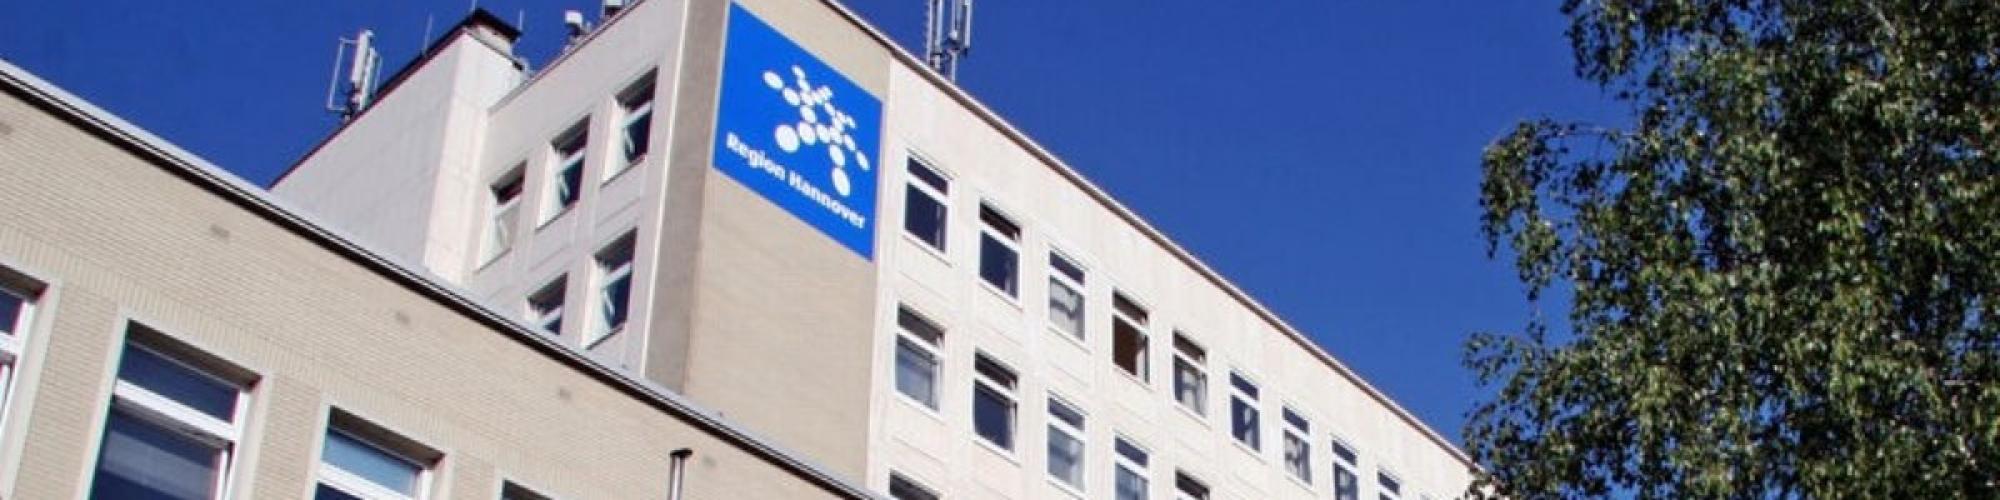 Region Hannover - Arbeitsplätze im Öffentlichen Dienst